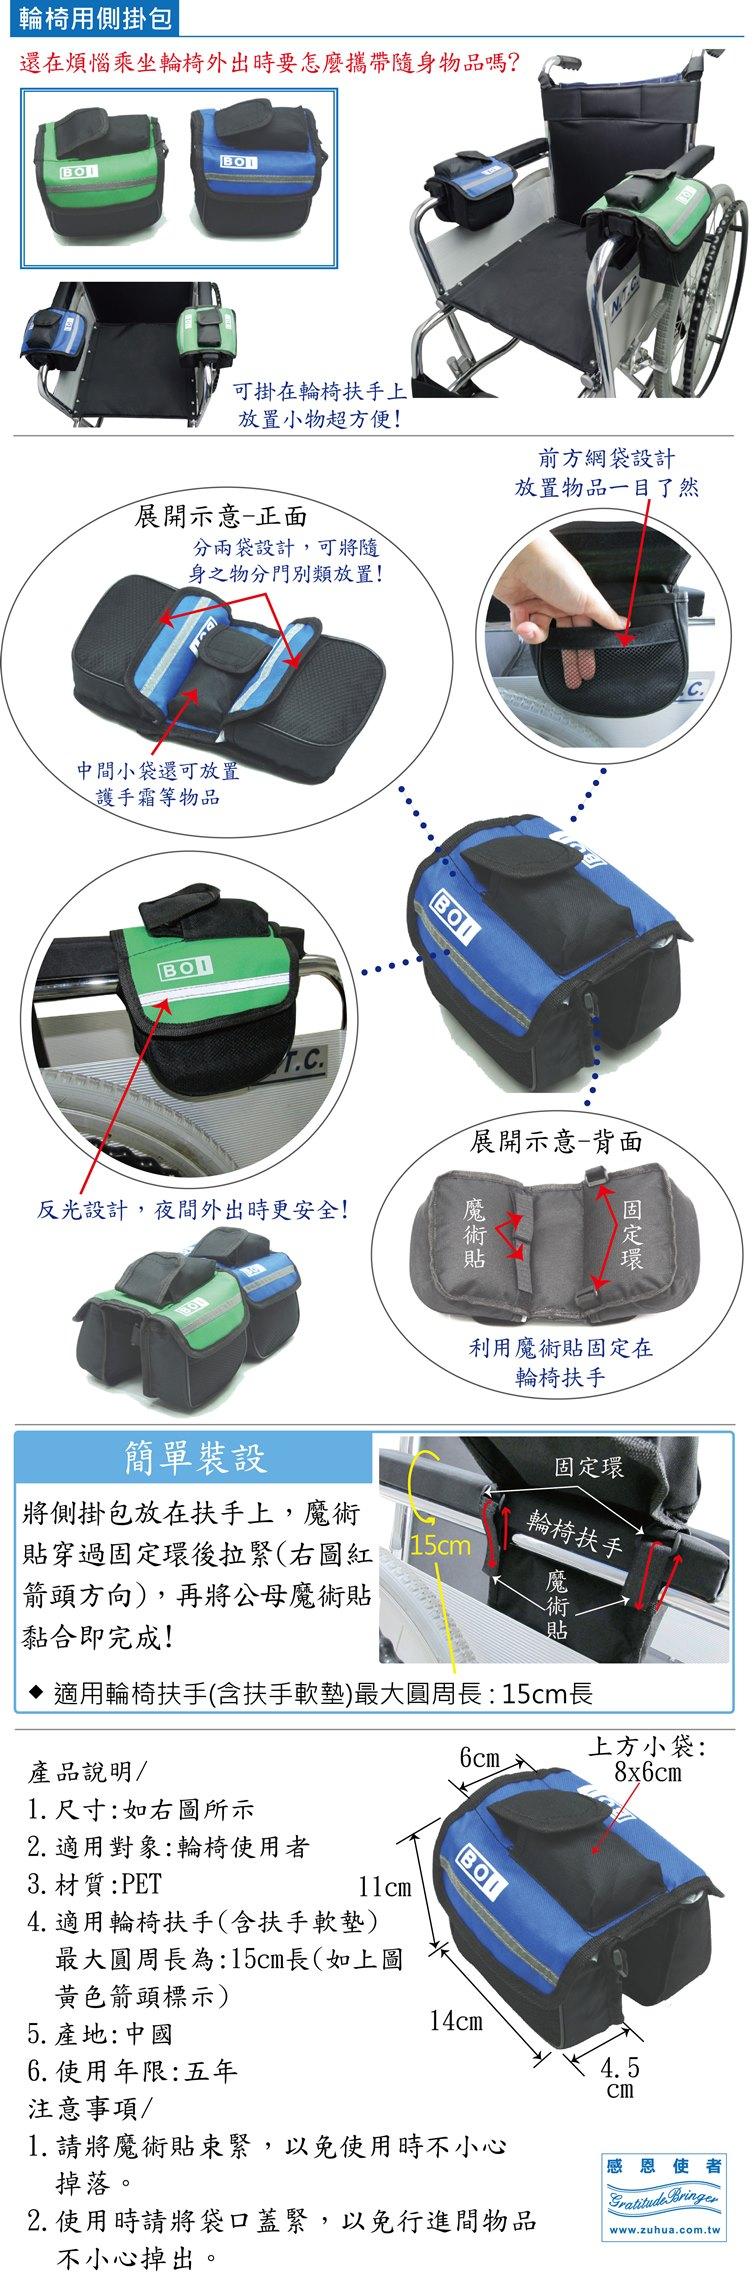 輪椅用側掛包、側掛袋:簡單裝設包包,攜帶隨身物品,輪椅扶手掛包。銀髮族、老人、行動不便者用品